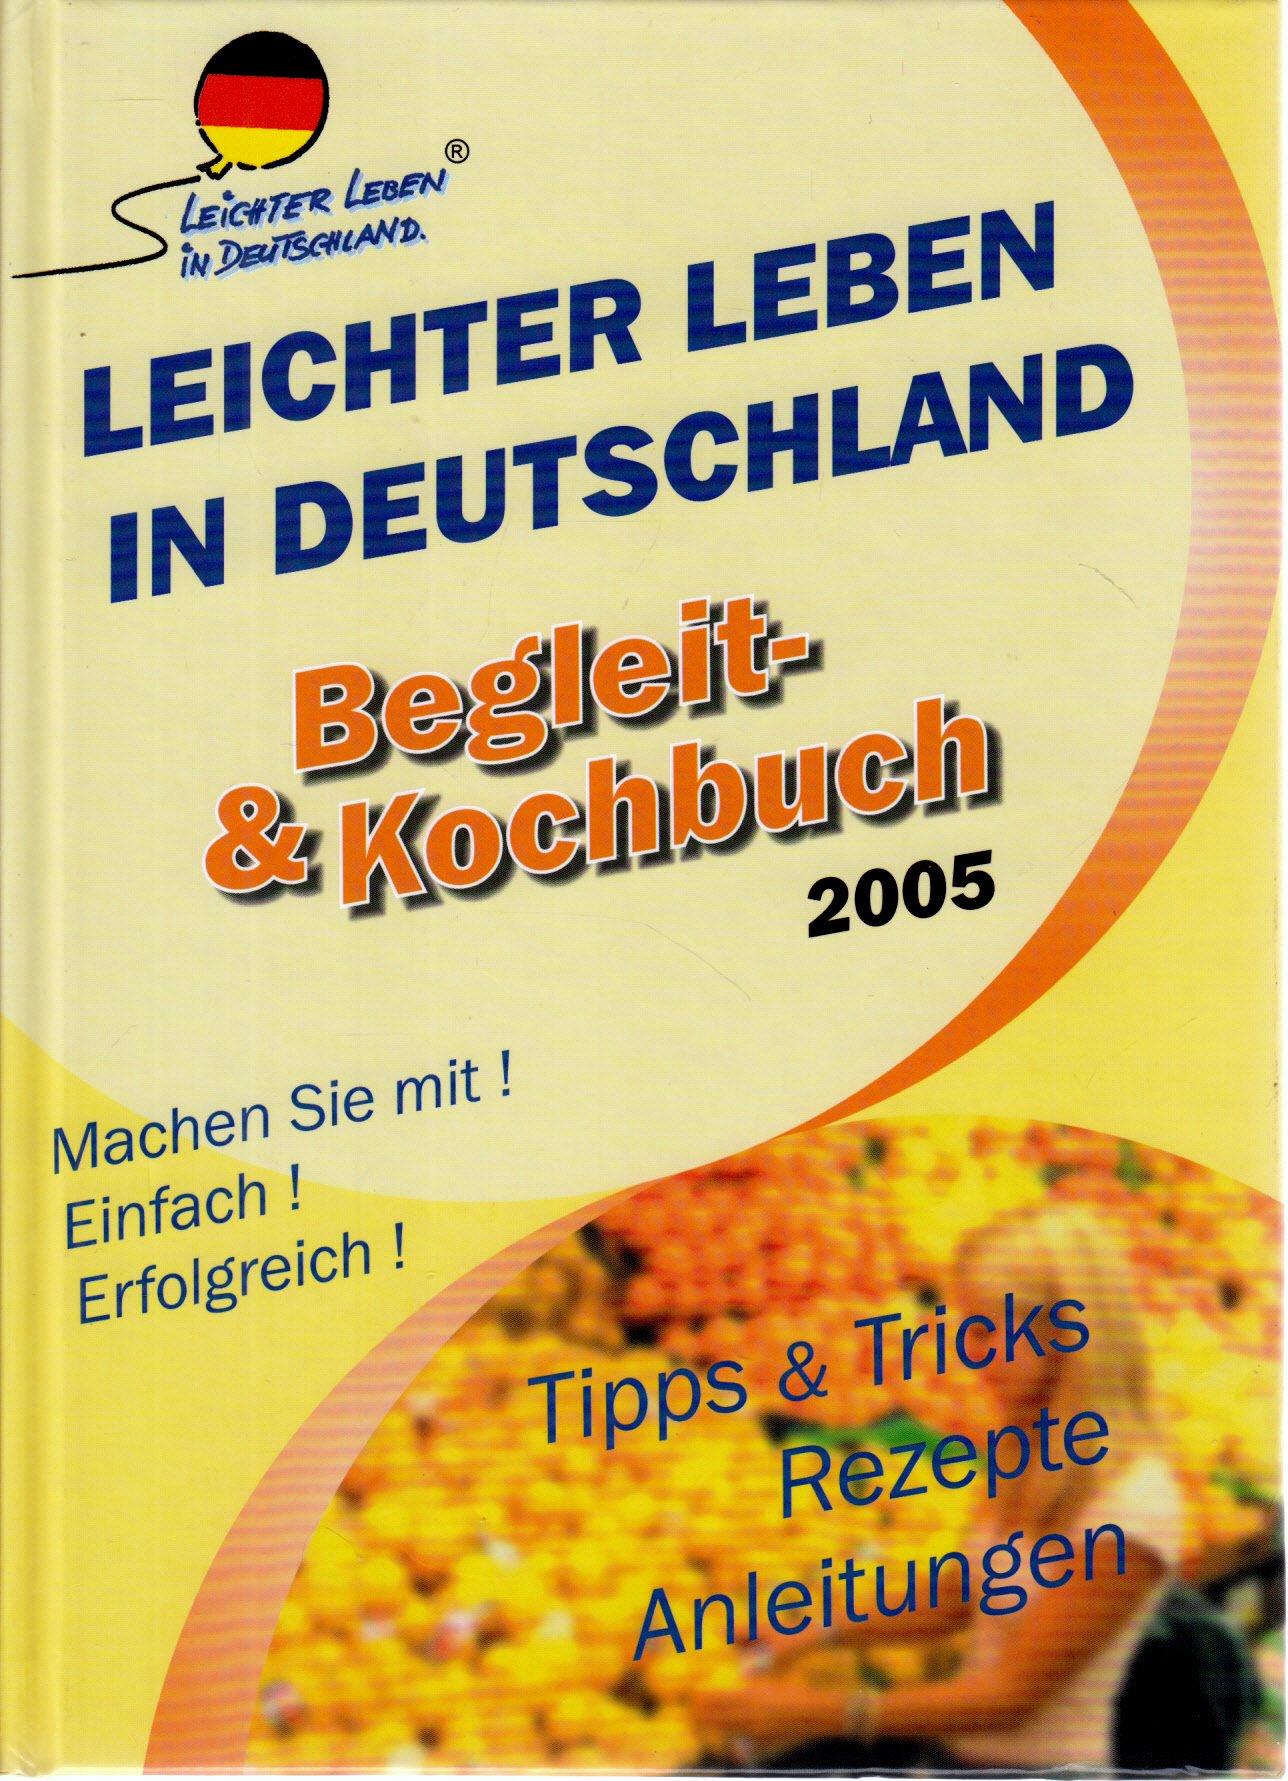 Leichter Leben In Deutschland Begleit Und Kochbuch 2005 Tipps